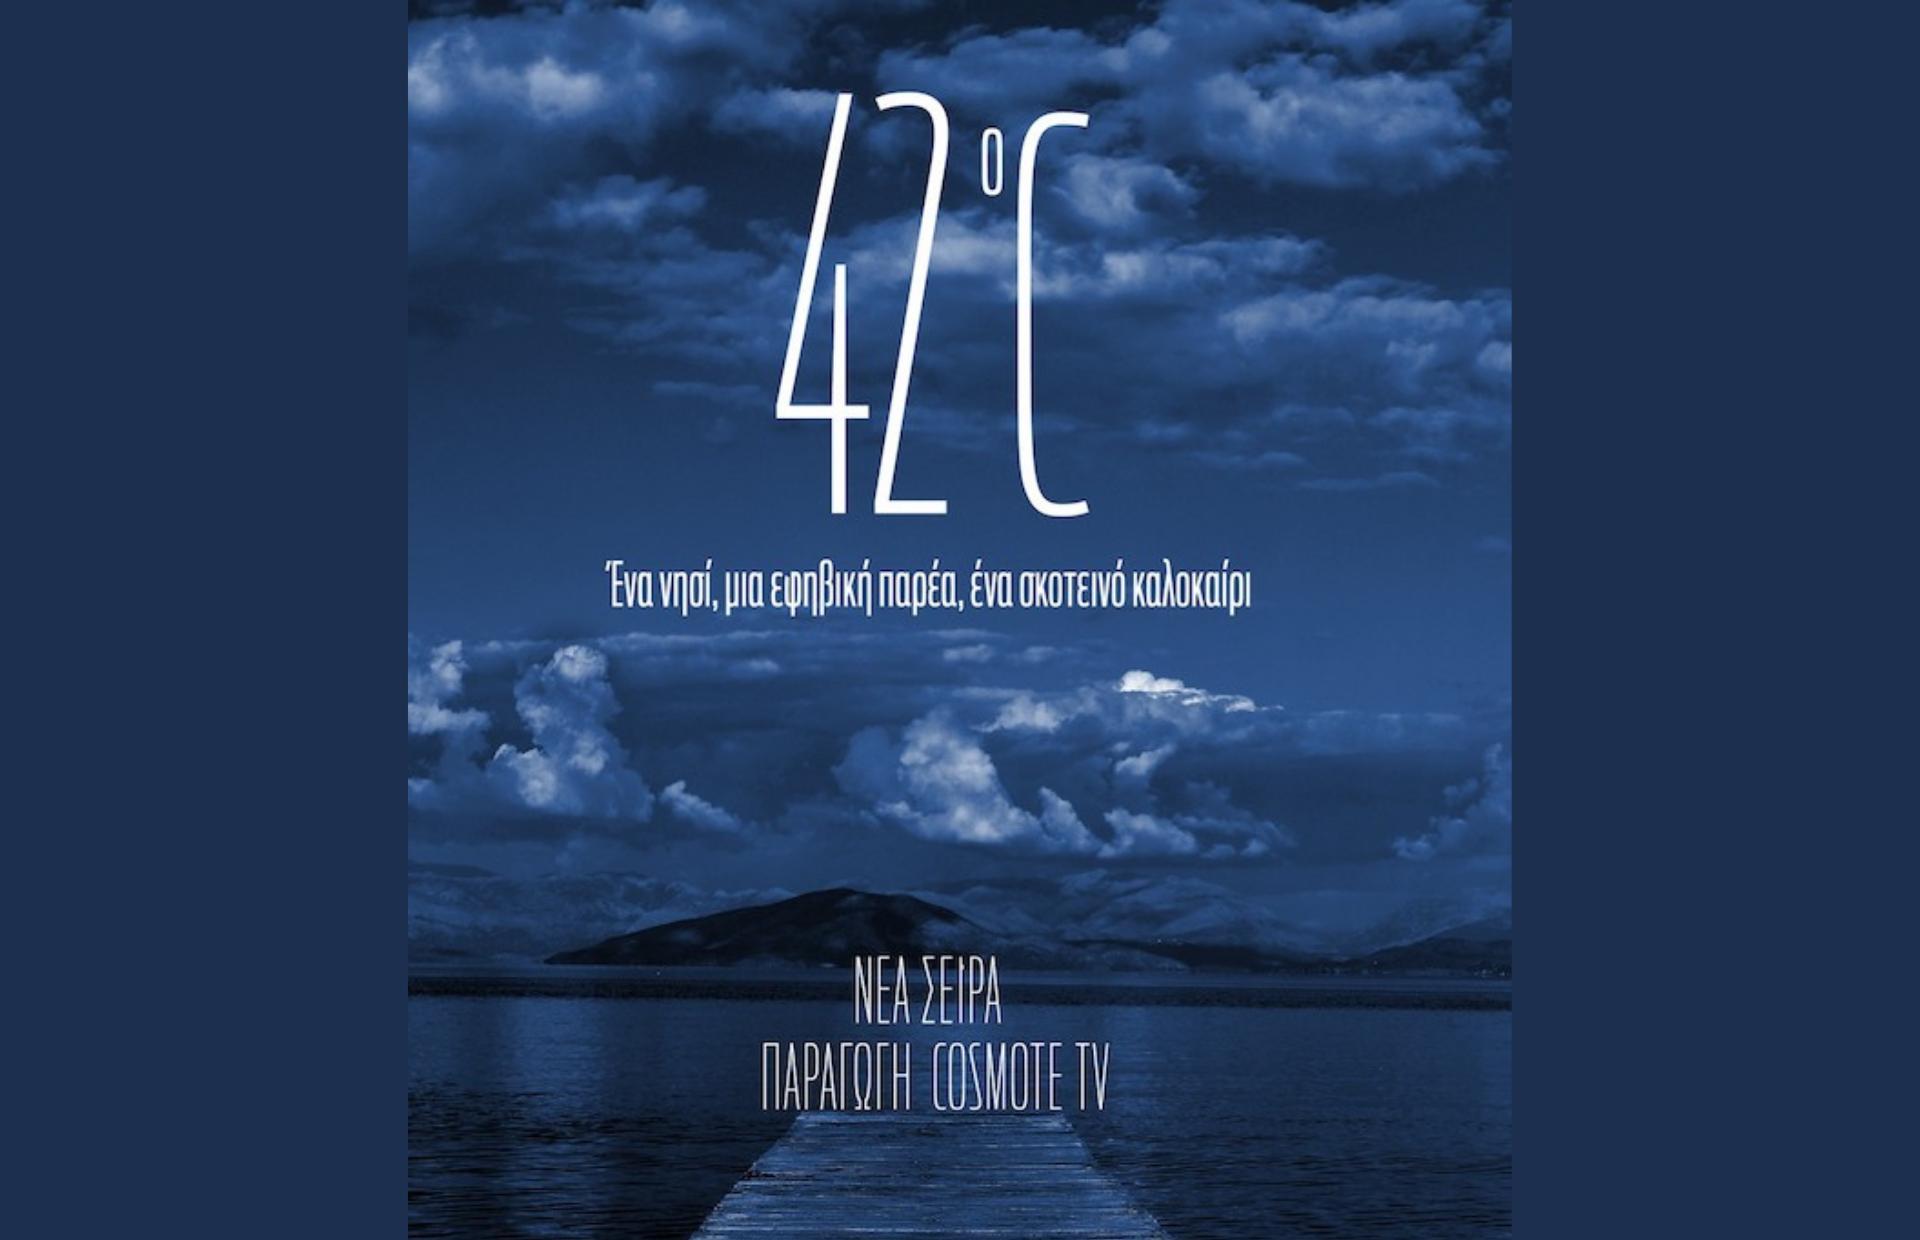 """""""42οC"""": Η νέα σειρά μυθοπλασίας της COSMOTE TV"""